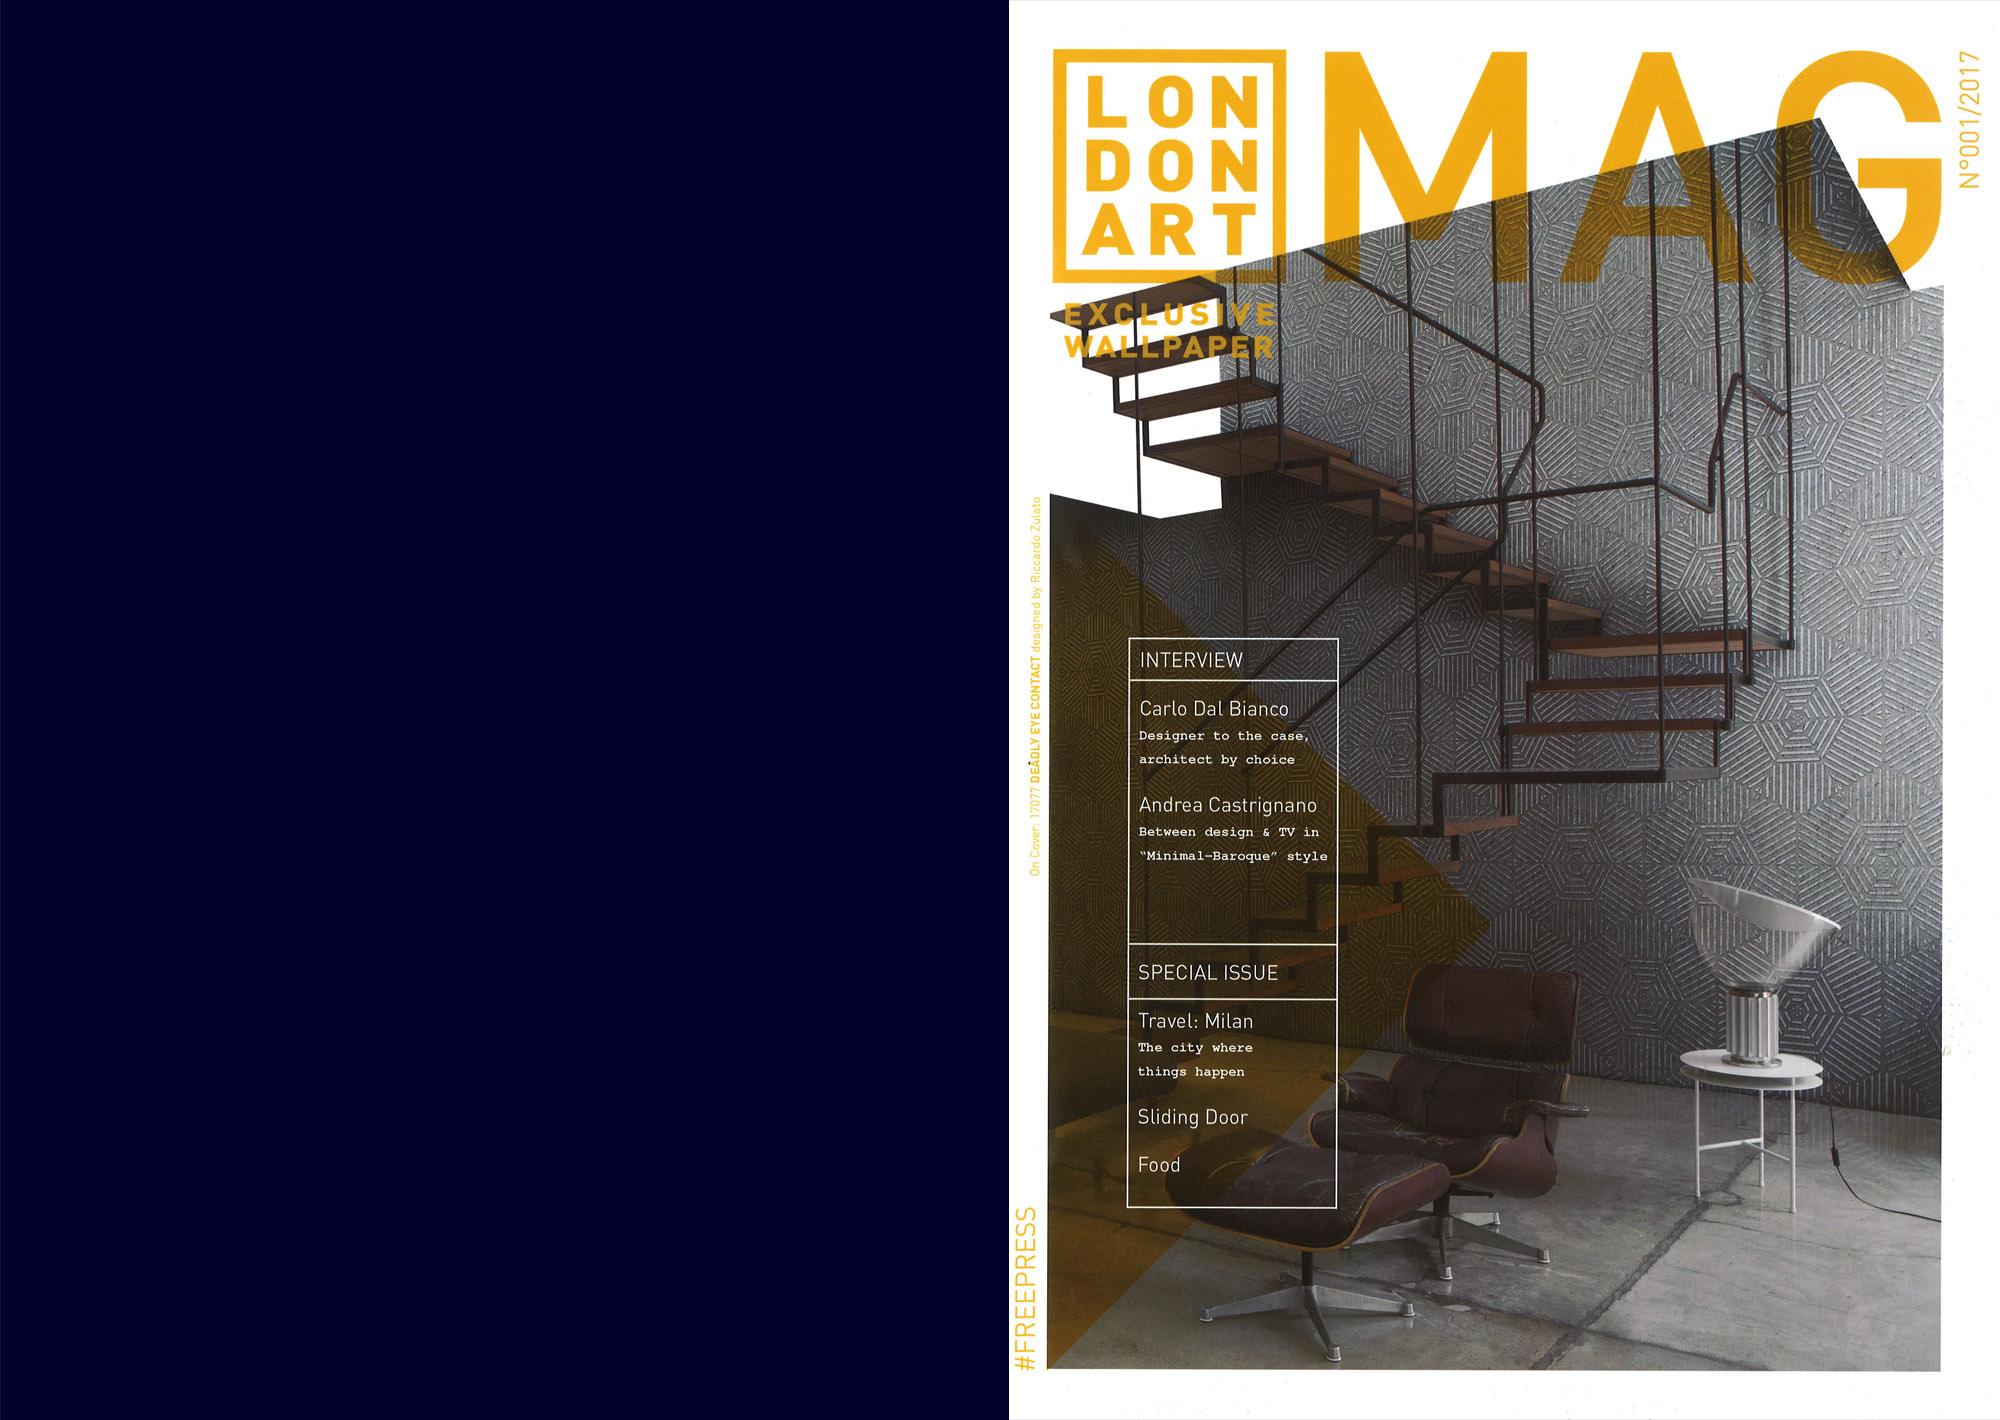 Londonart mag 001